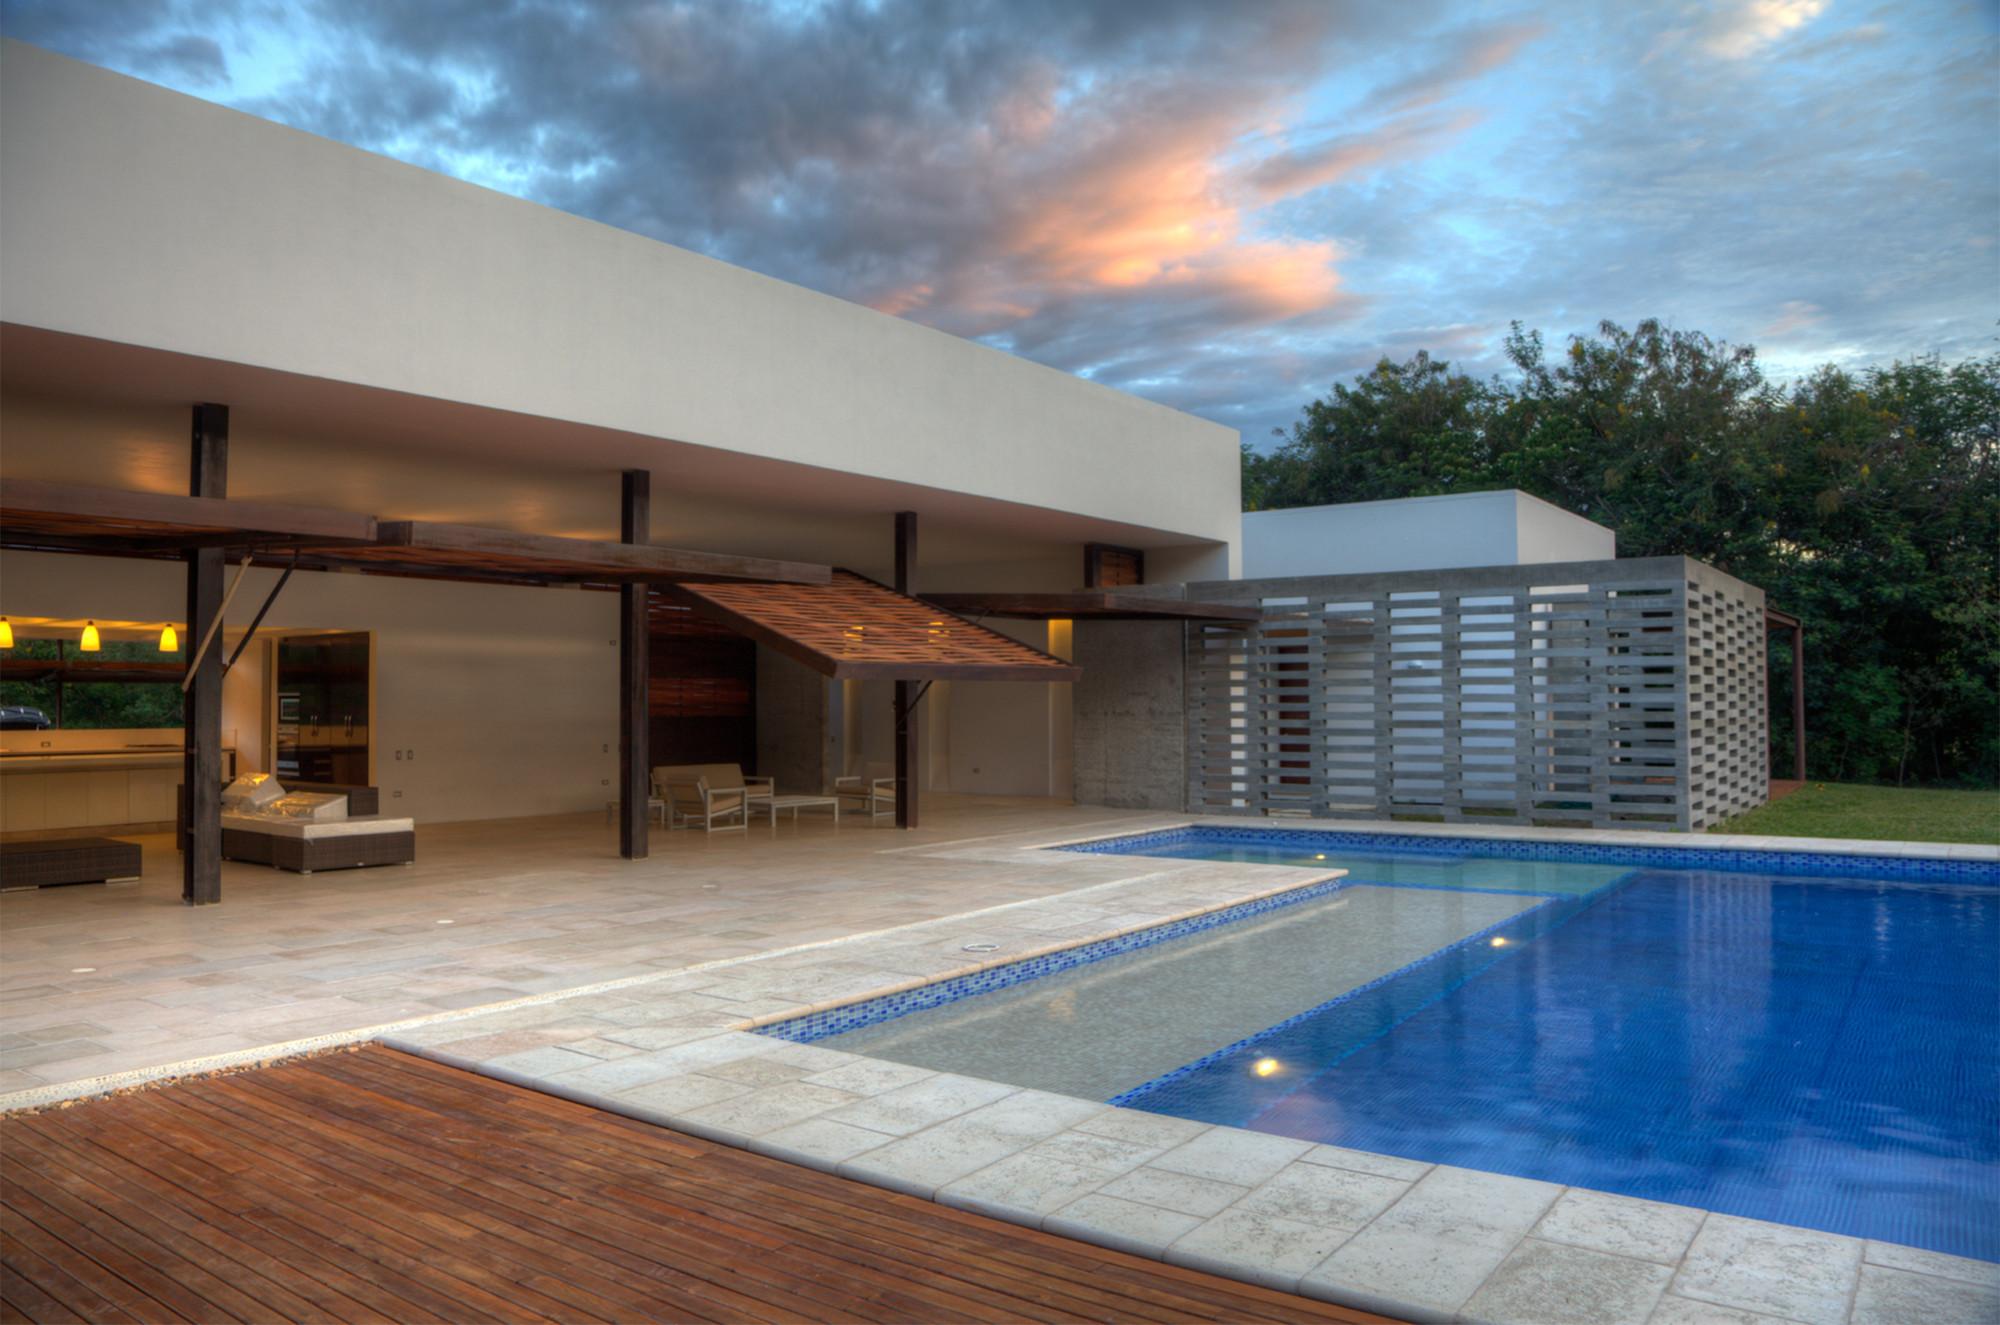 Condominio El Paso / De La Carrera - Cavanzo Arquitectura, © Luis Alberto Mariño